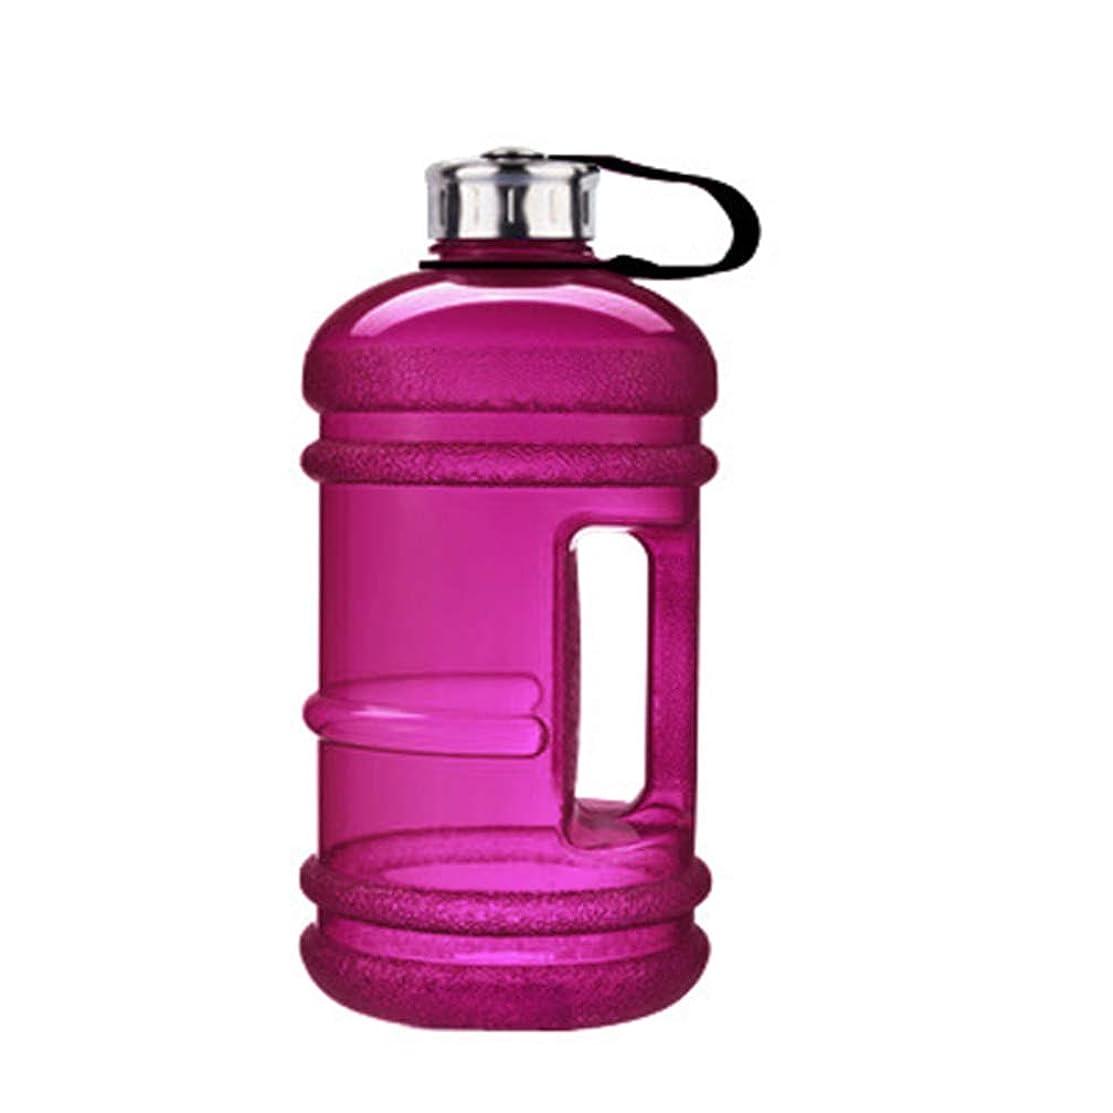 シェル聞きます感じるCozyswan ウォーターボトル 2.2L 大容量 水分補給 スポーツ 軽量 ジャグ 漏れ防止 広口 ドリンク対応 キャンプ ハイキング 運動会 ジム エクササイズ アウトドア